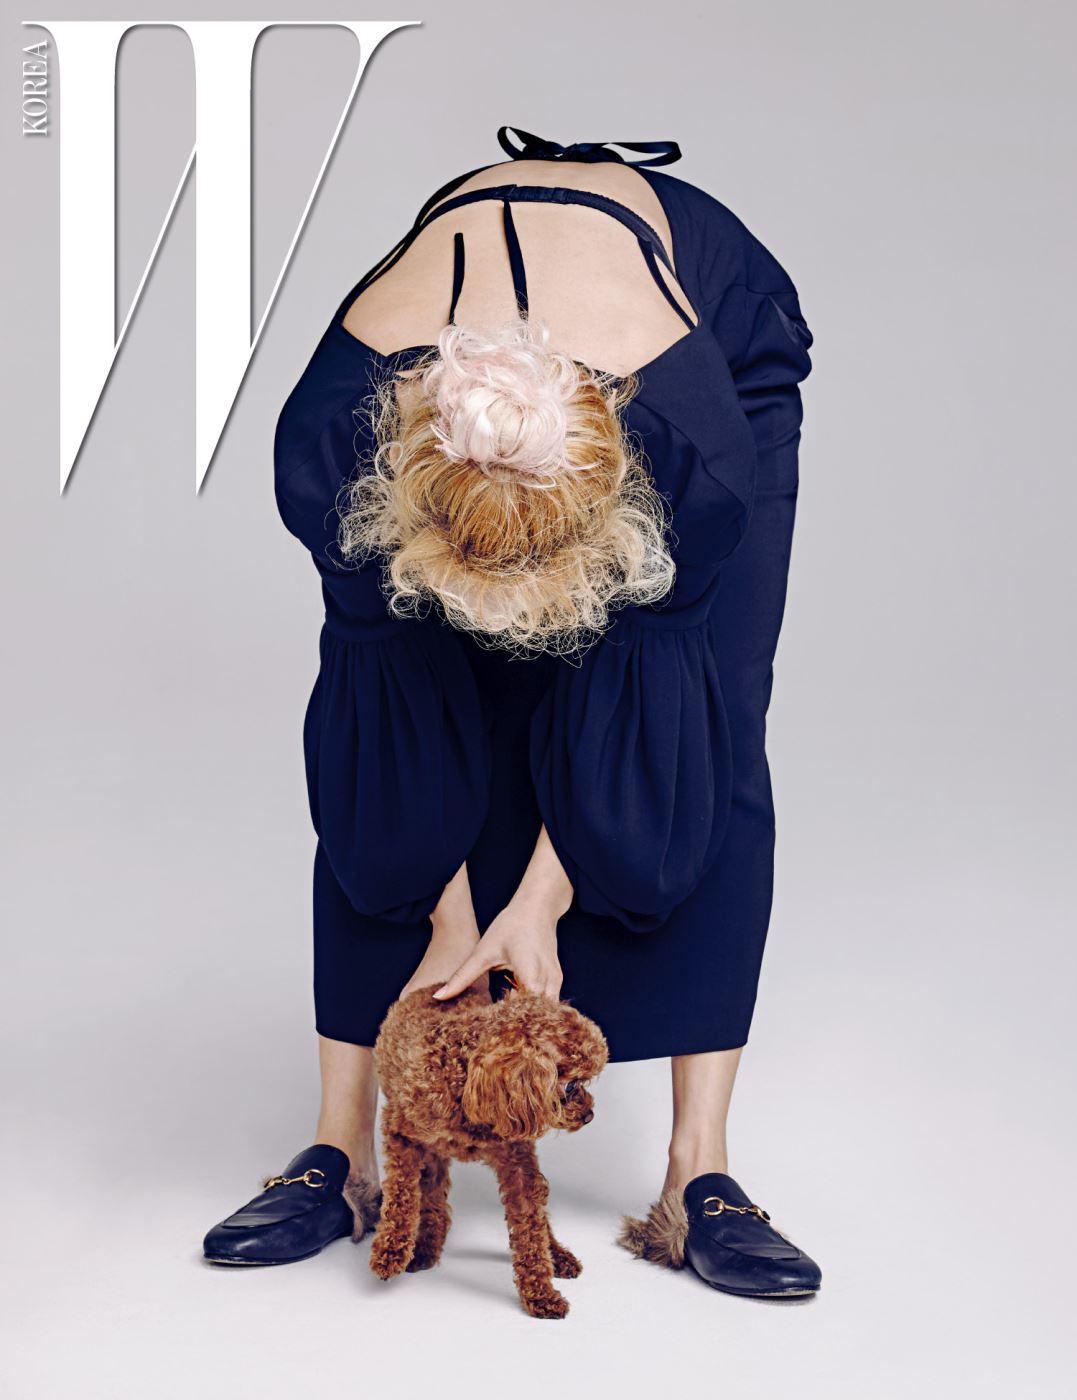 효연이 입은 검은색 퍼프 소매 베어백 드레스는 Simone Rocha by 10 Corso Como, 홀스빗 슬리퍼는 Gucci 제품.